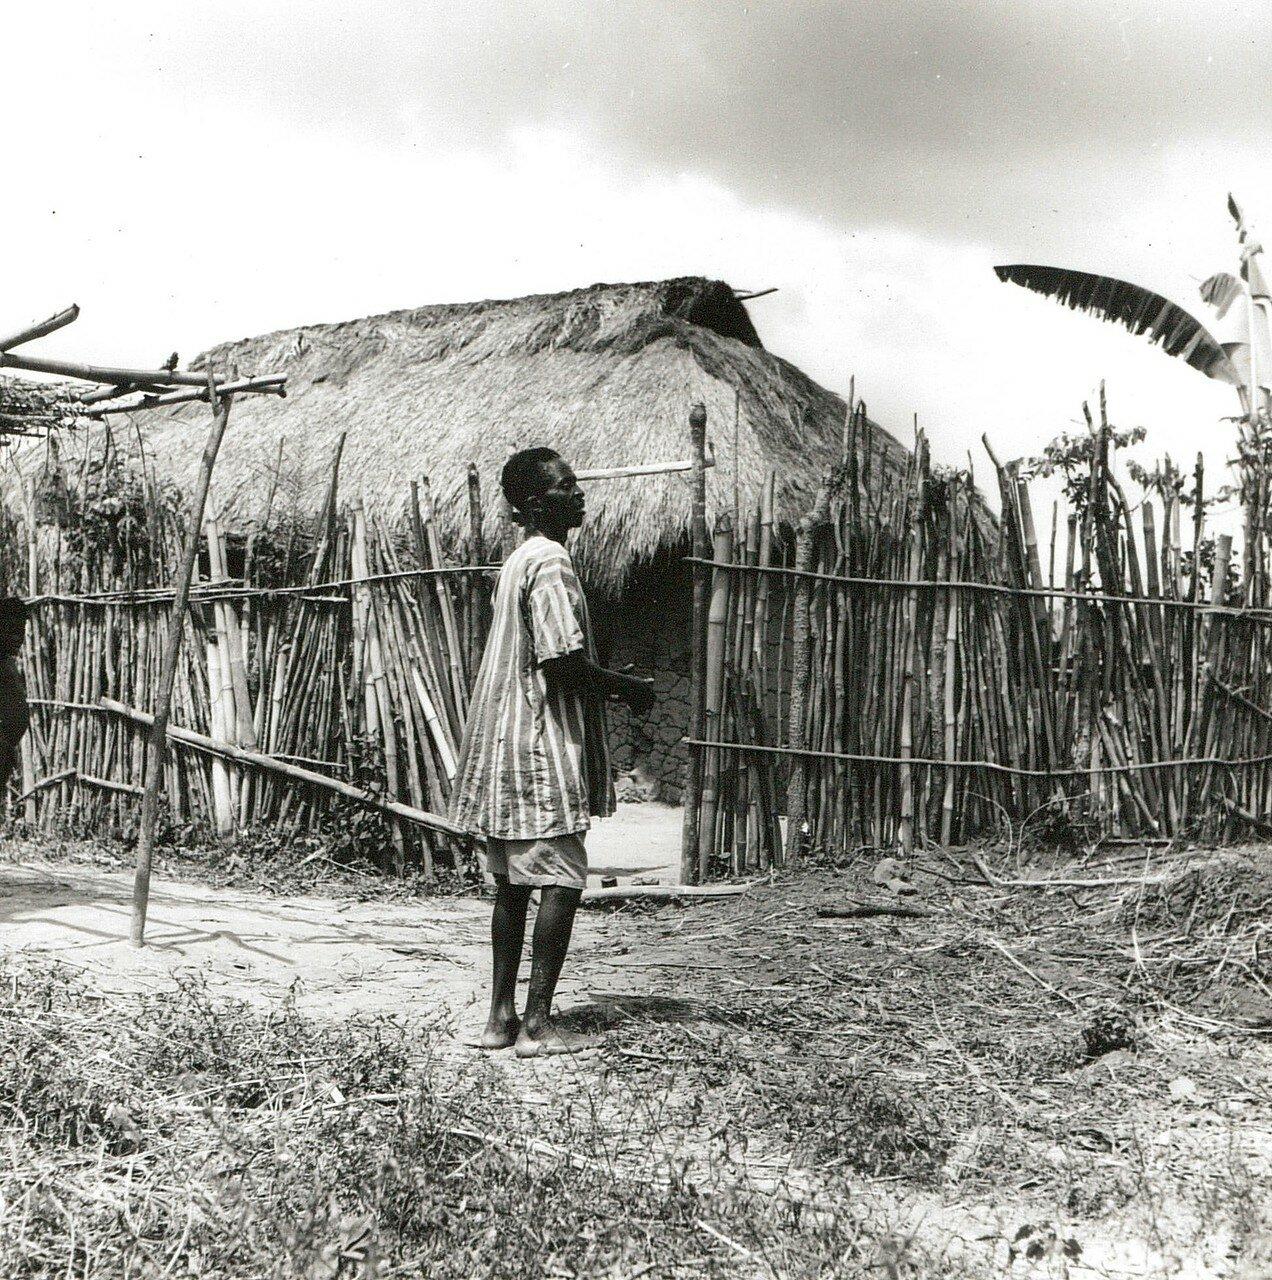 Гана. Деревня в саванне. Местный житель возле огороженной хижины